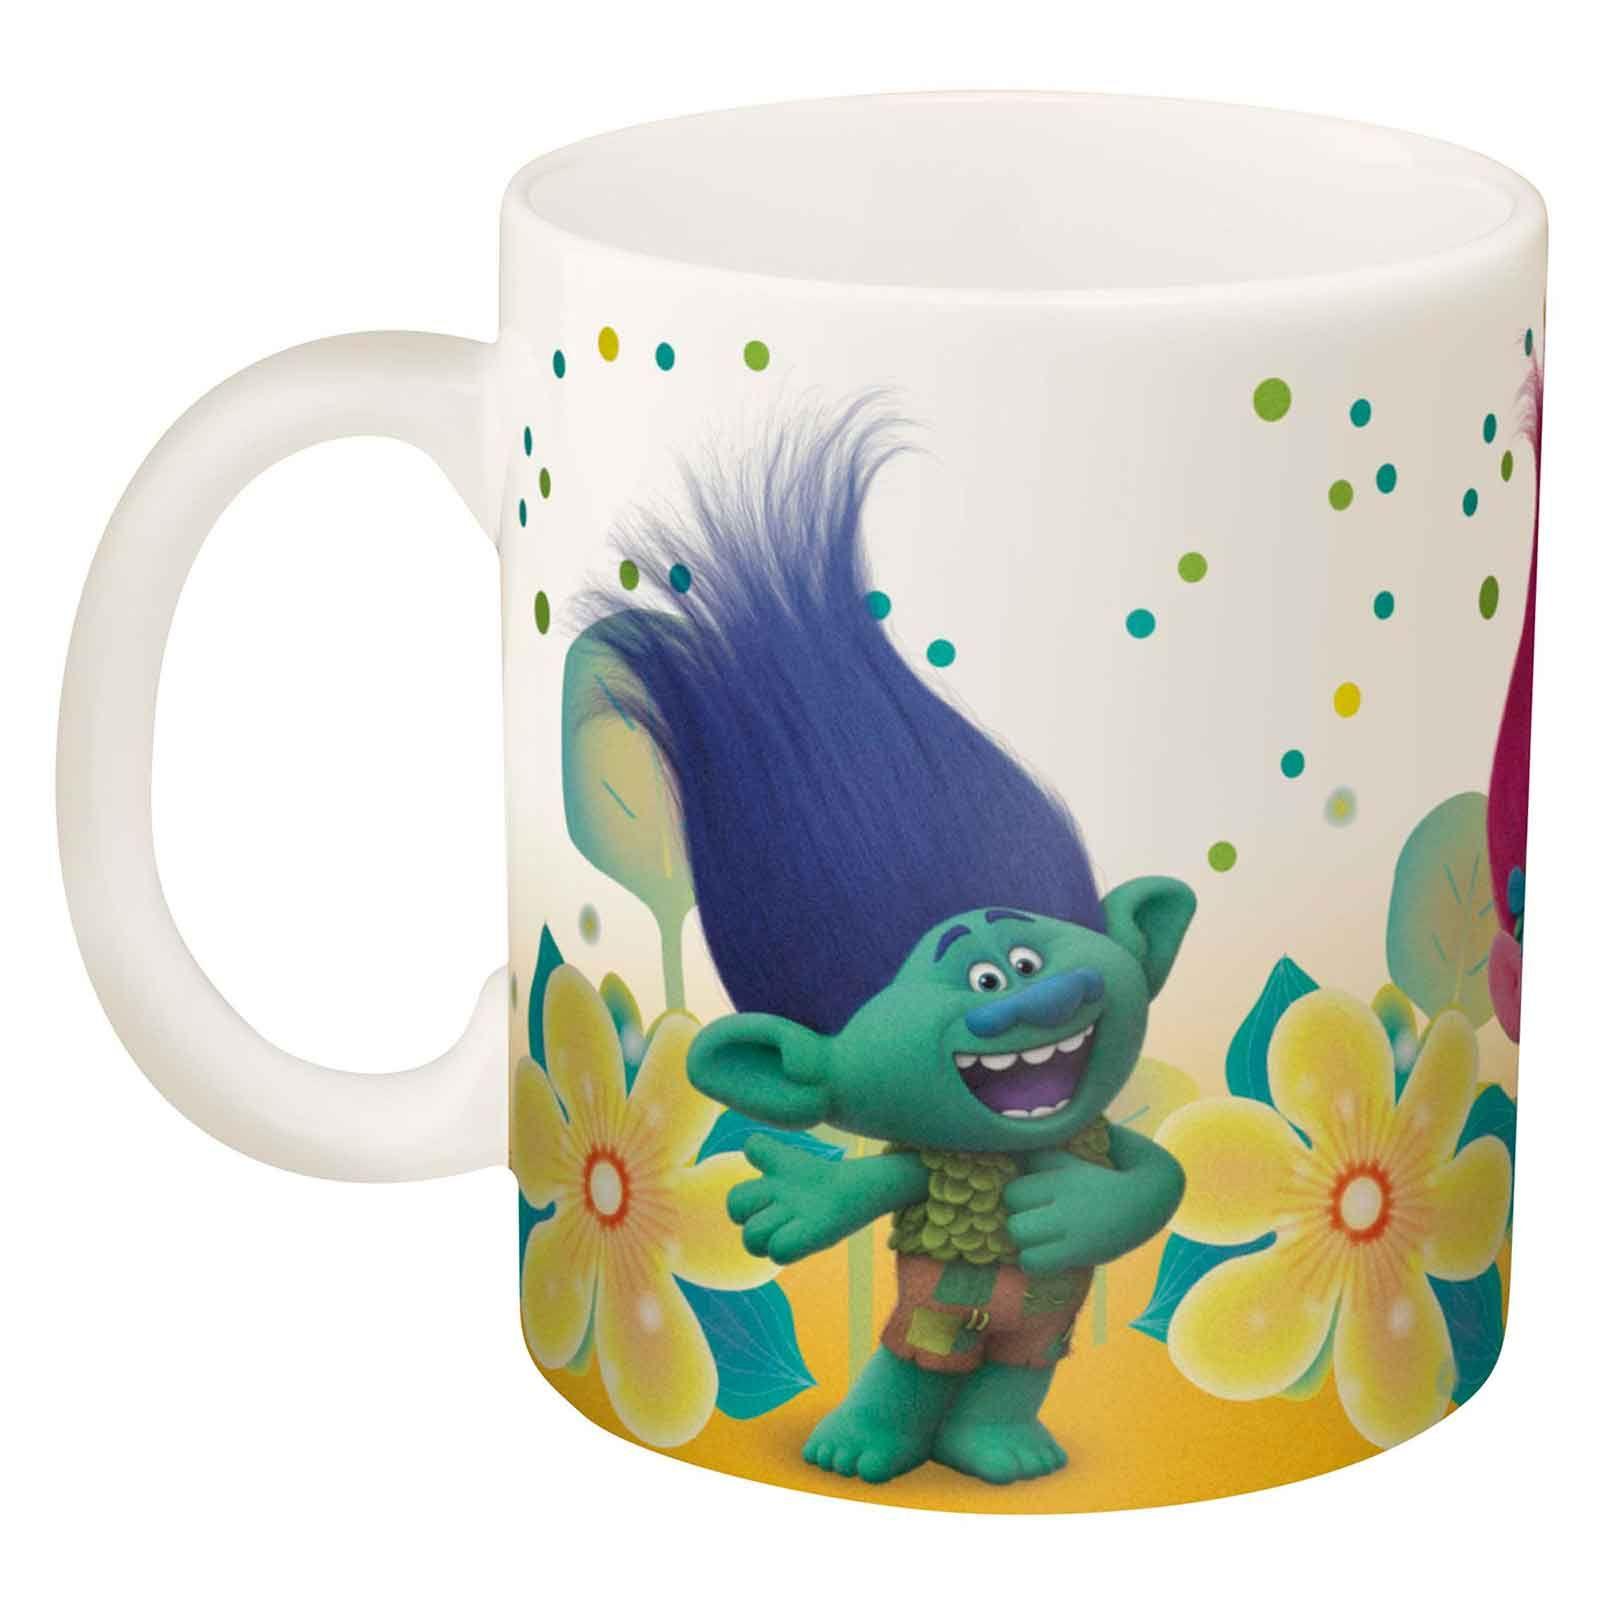 Trolls Coffee Mugs For Sale - Poppy, Branch & Guy